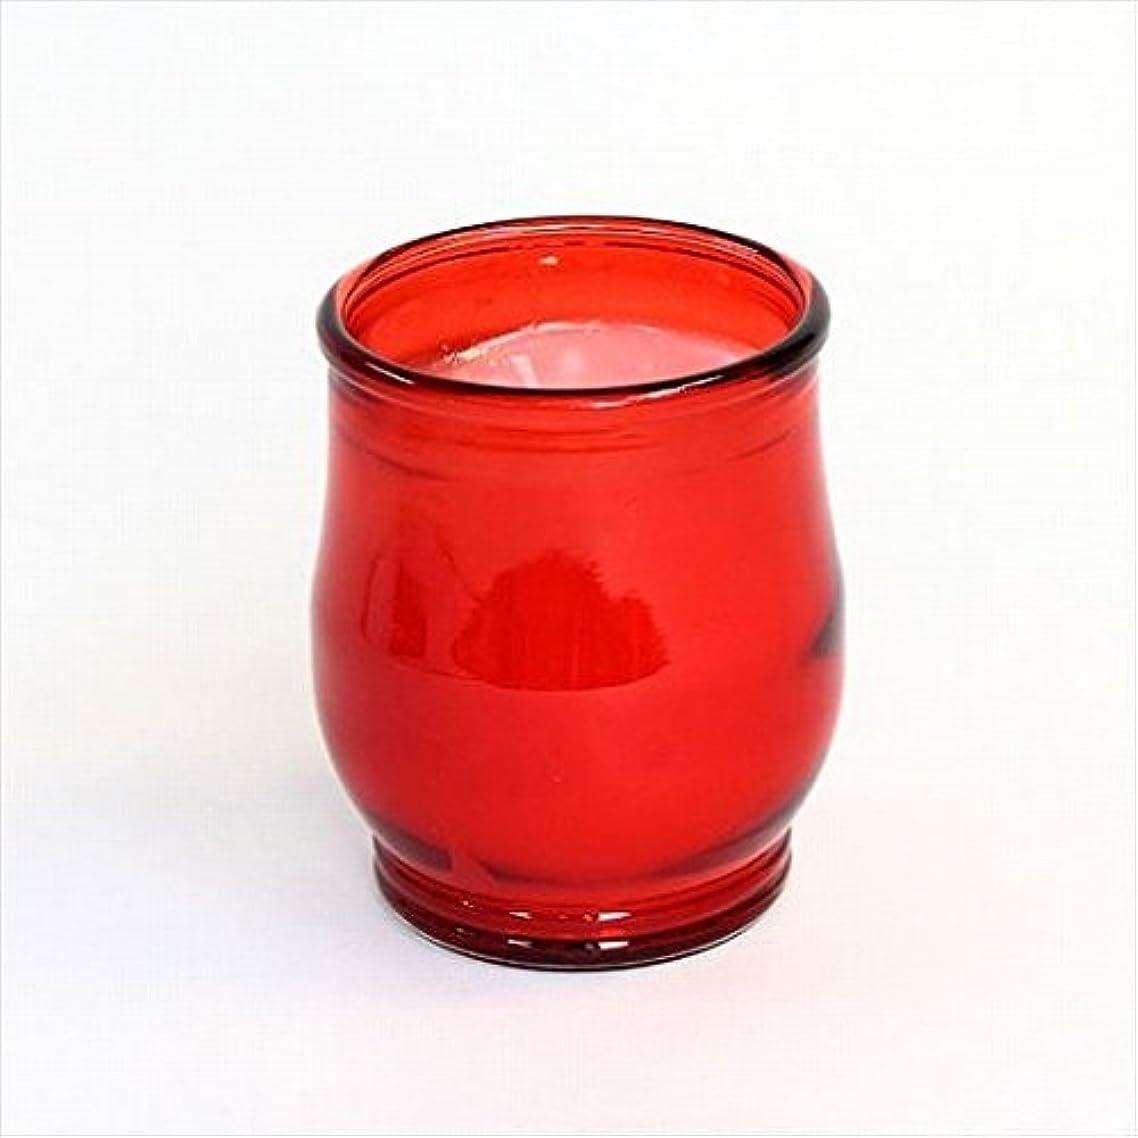 レイアウトベイビー寄付kameyama candle(カメヤマキャンドル) ポシェ(非常用コップローソク) 「 レッド 」 キャンドル 68x68x80mm (73020000R)